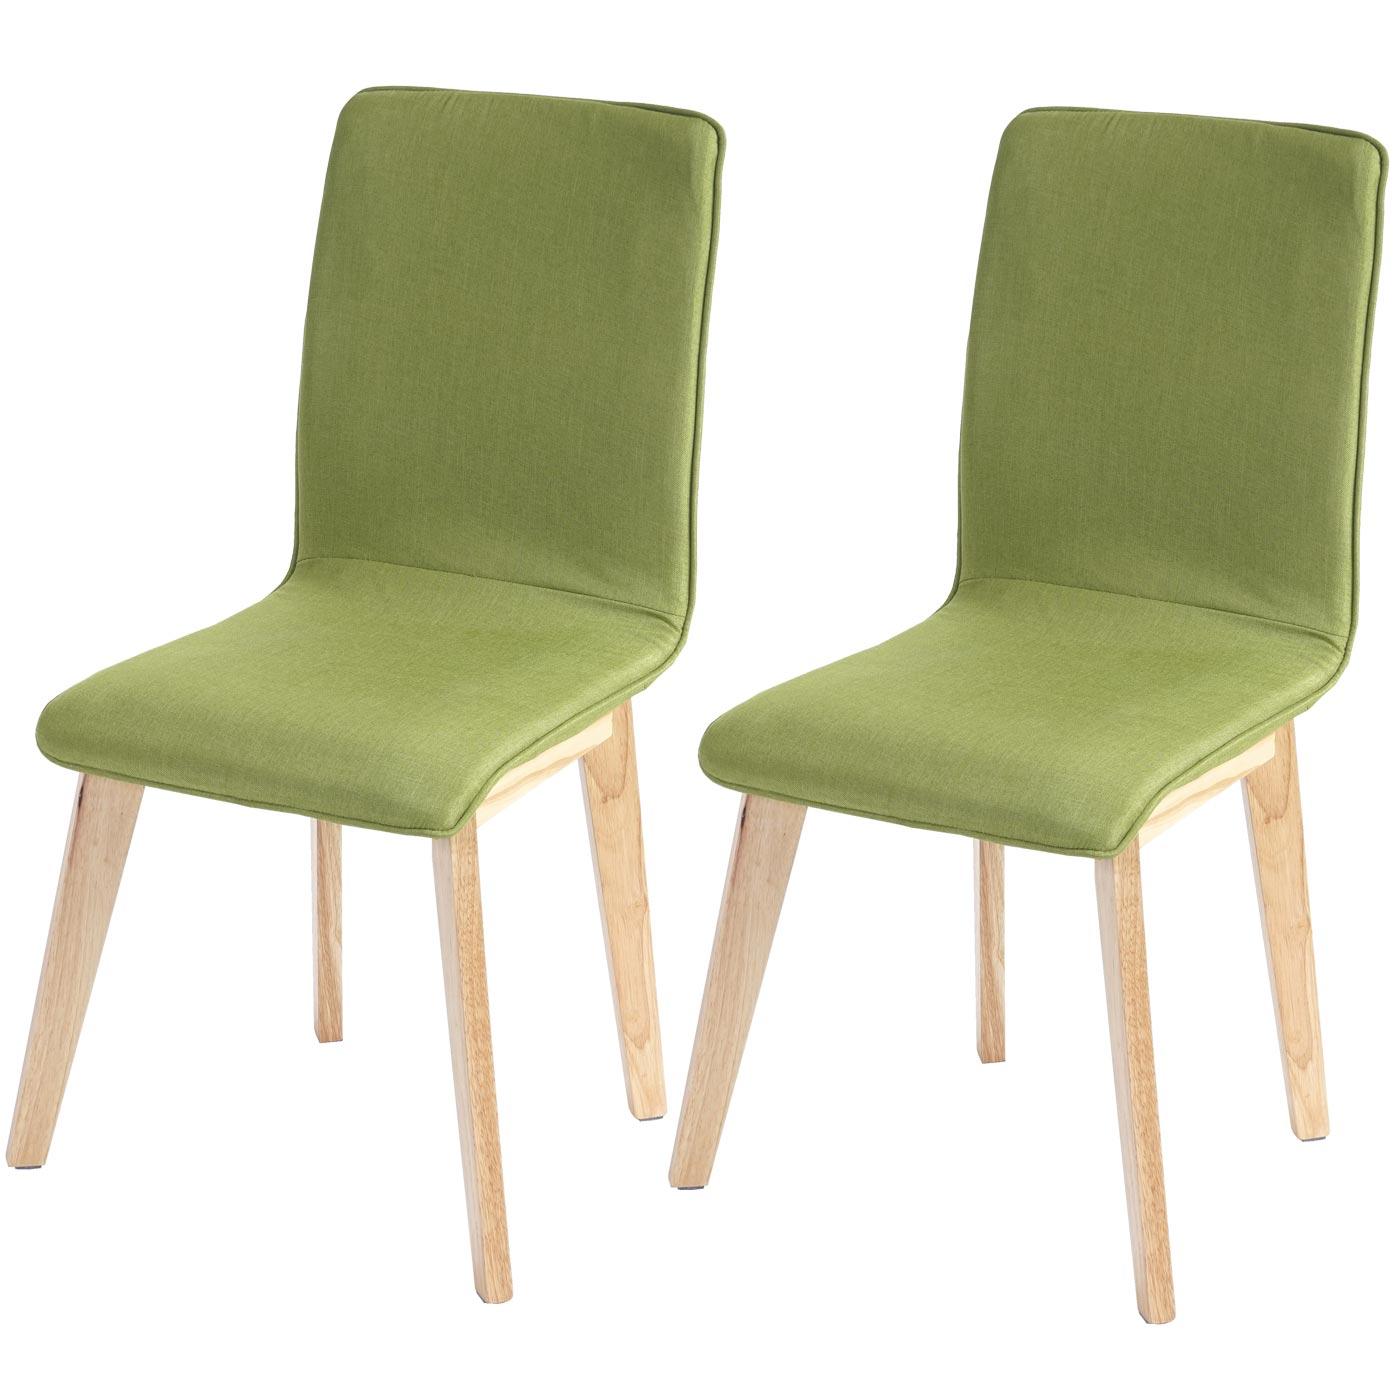 2x esszimmerstuhl zadar stuhl lehnstuhl retro 50er jahre design textil gr n mit naht. Black Bedroom Furniture Sets. Home Design Ideas